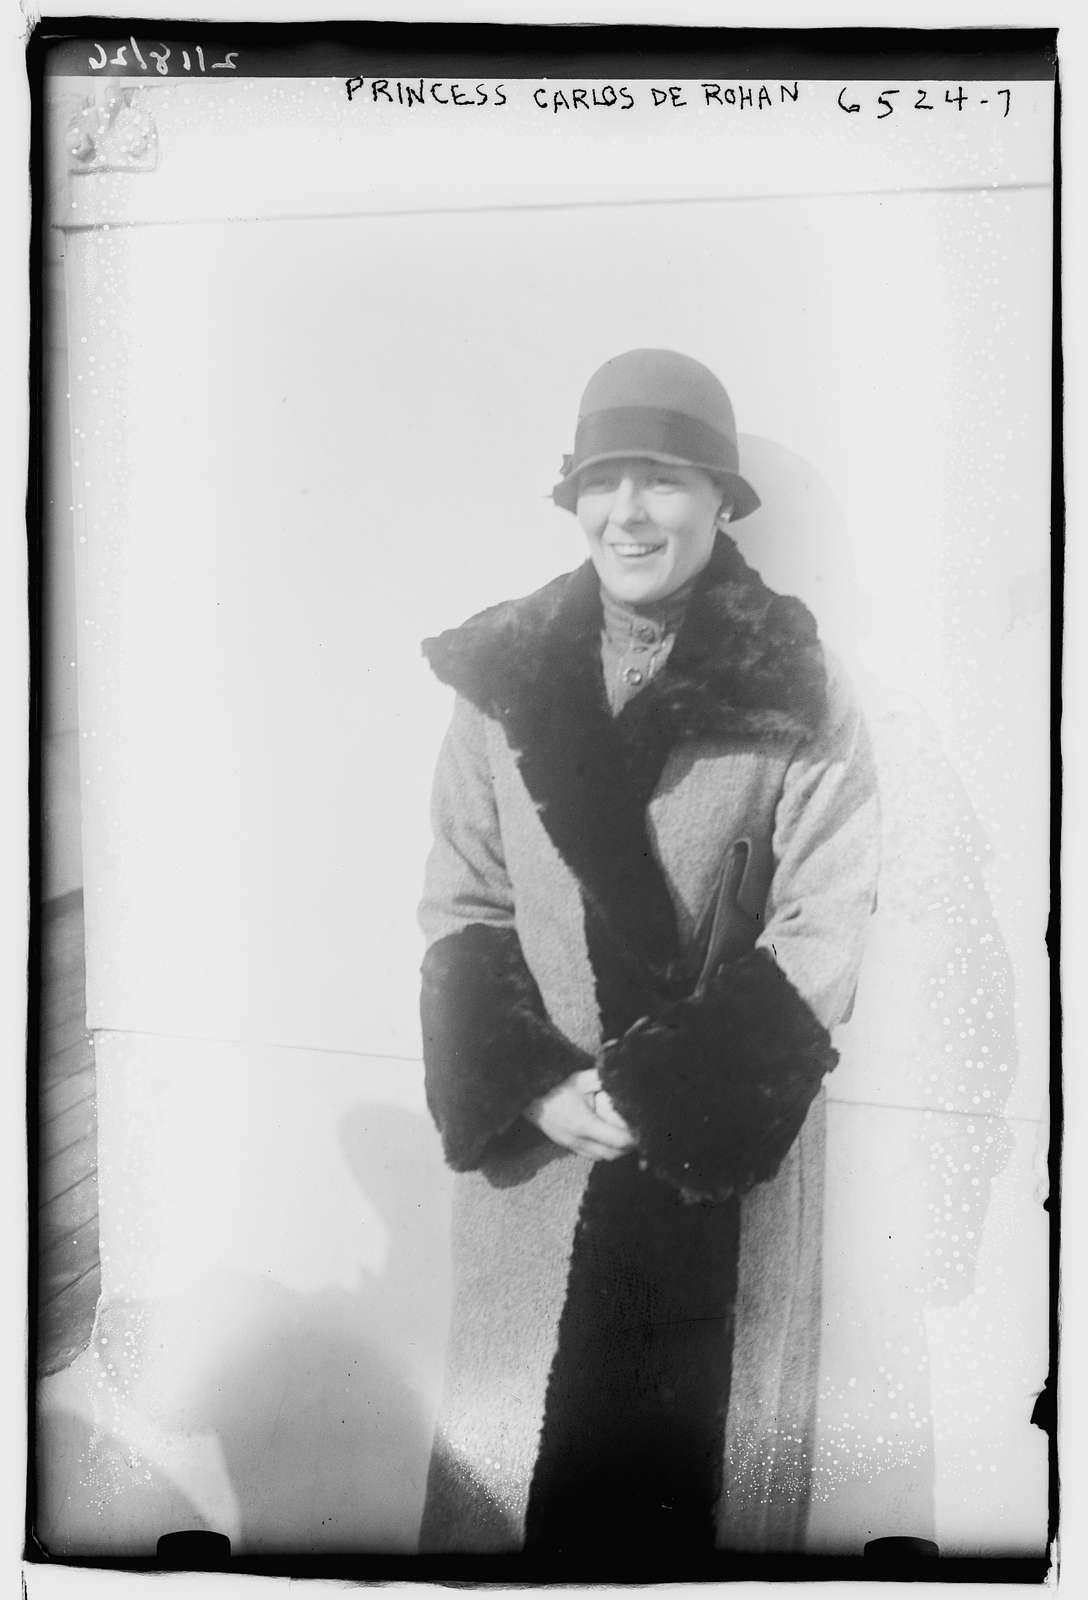 Princess Carlos De Rohan